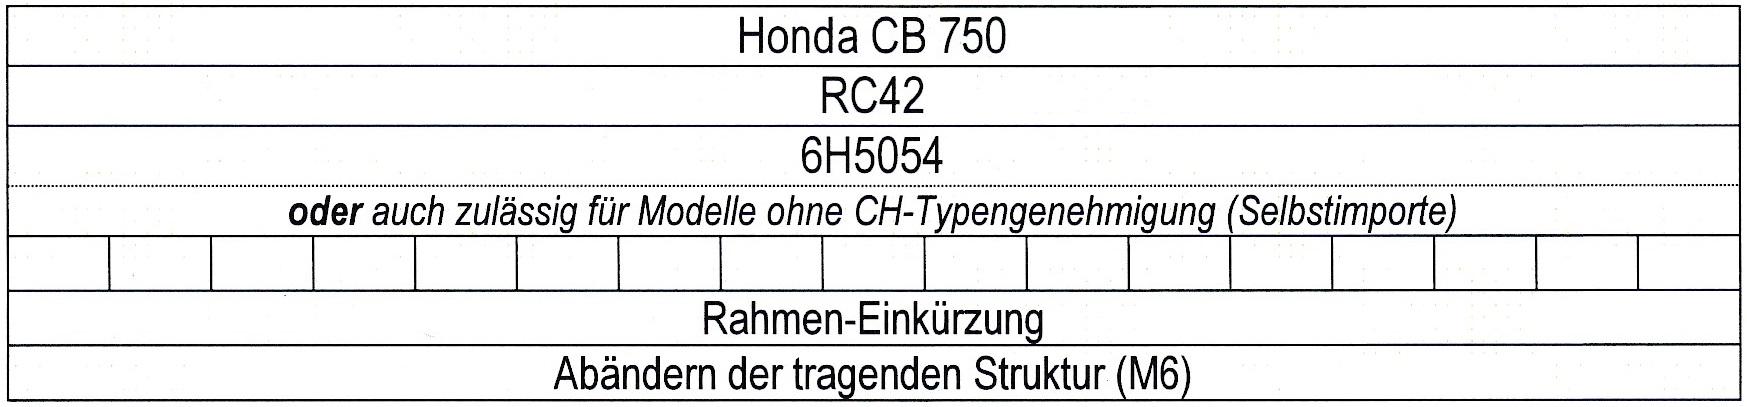 Fantastisch Schwertfalzrahmen Zum Verkauf Zeitgenössisch - Rahmen ...